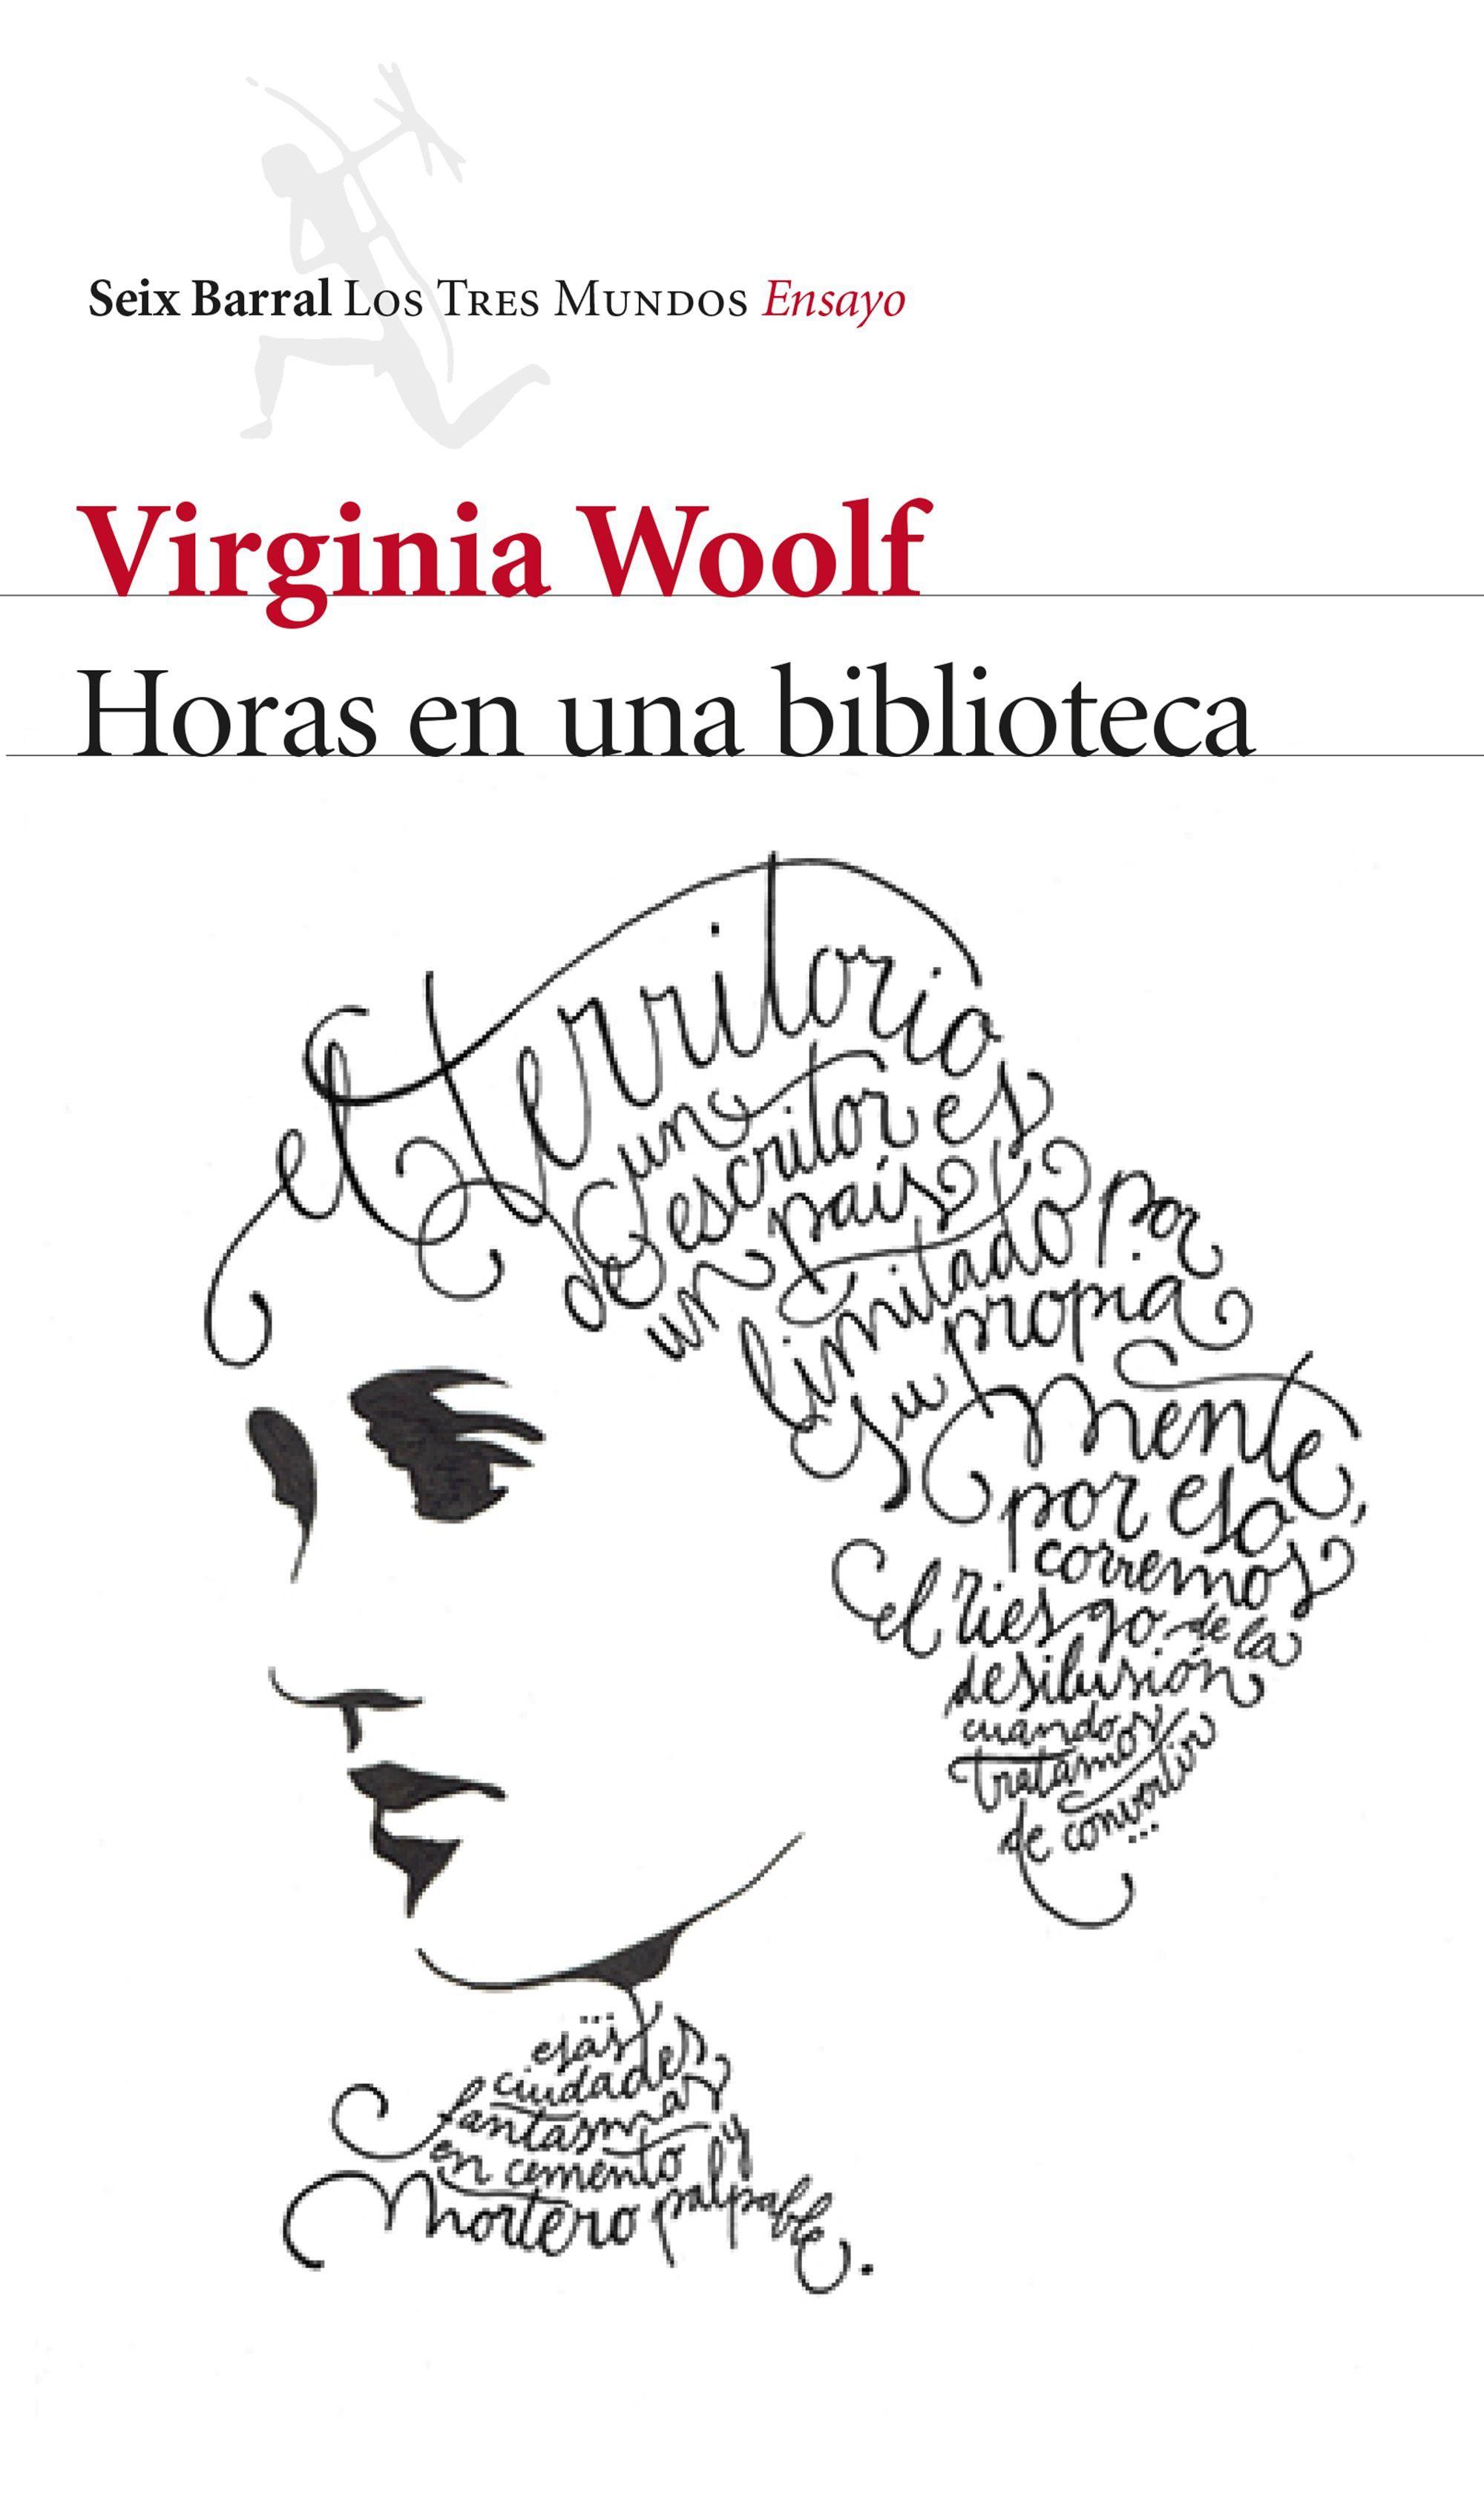 250 Ideas De Llibres Llegits Des De Juliol 2014 Libros Club De Lectura Tableros De Lectura